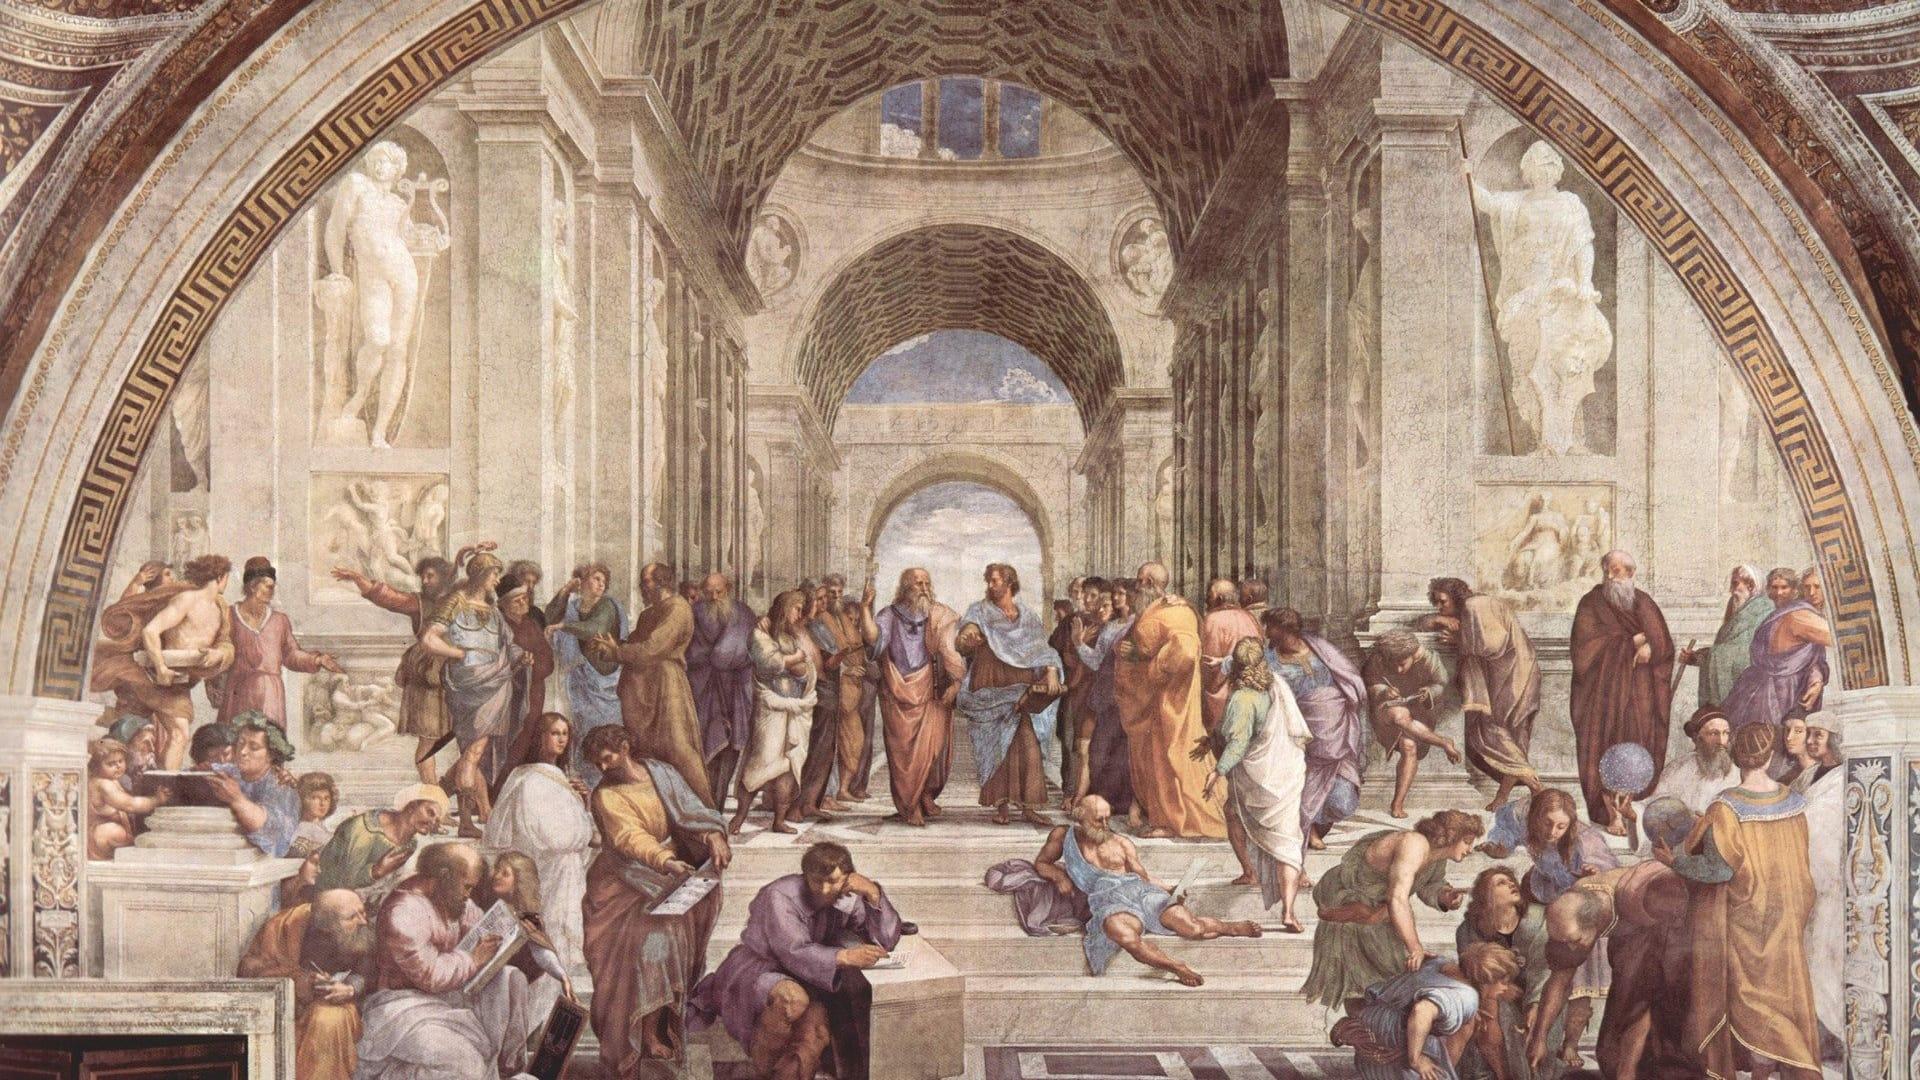 Das Werk Die Kunstschule von Athen des Malers Raffael ist ein bedeutendes Kunstwerk der Weltkultur.